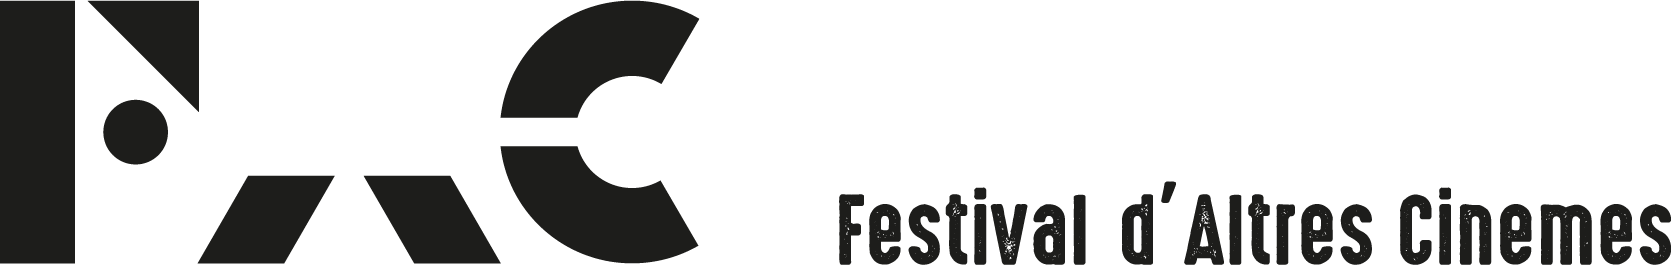 Festival d' Altres Cinemes